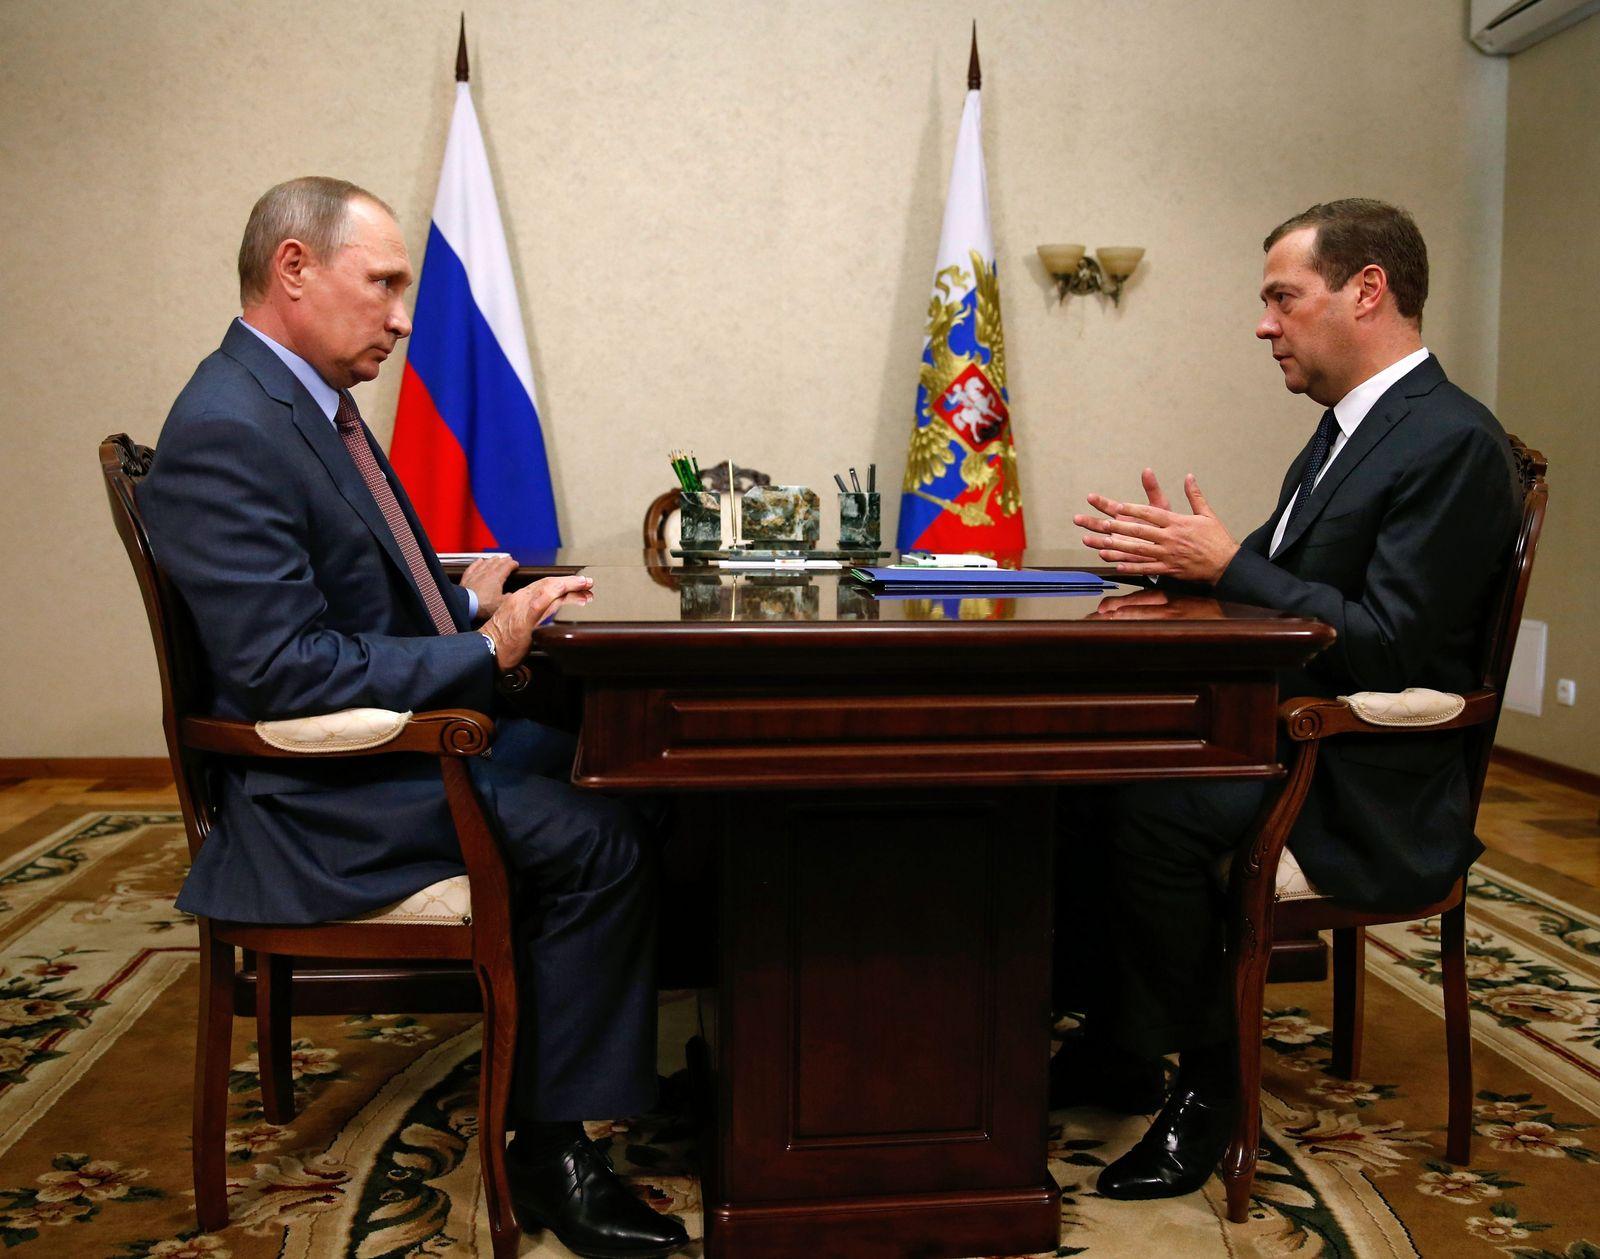 Krim Putin Medwedew